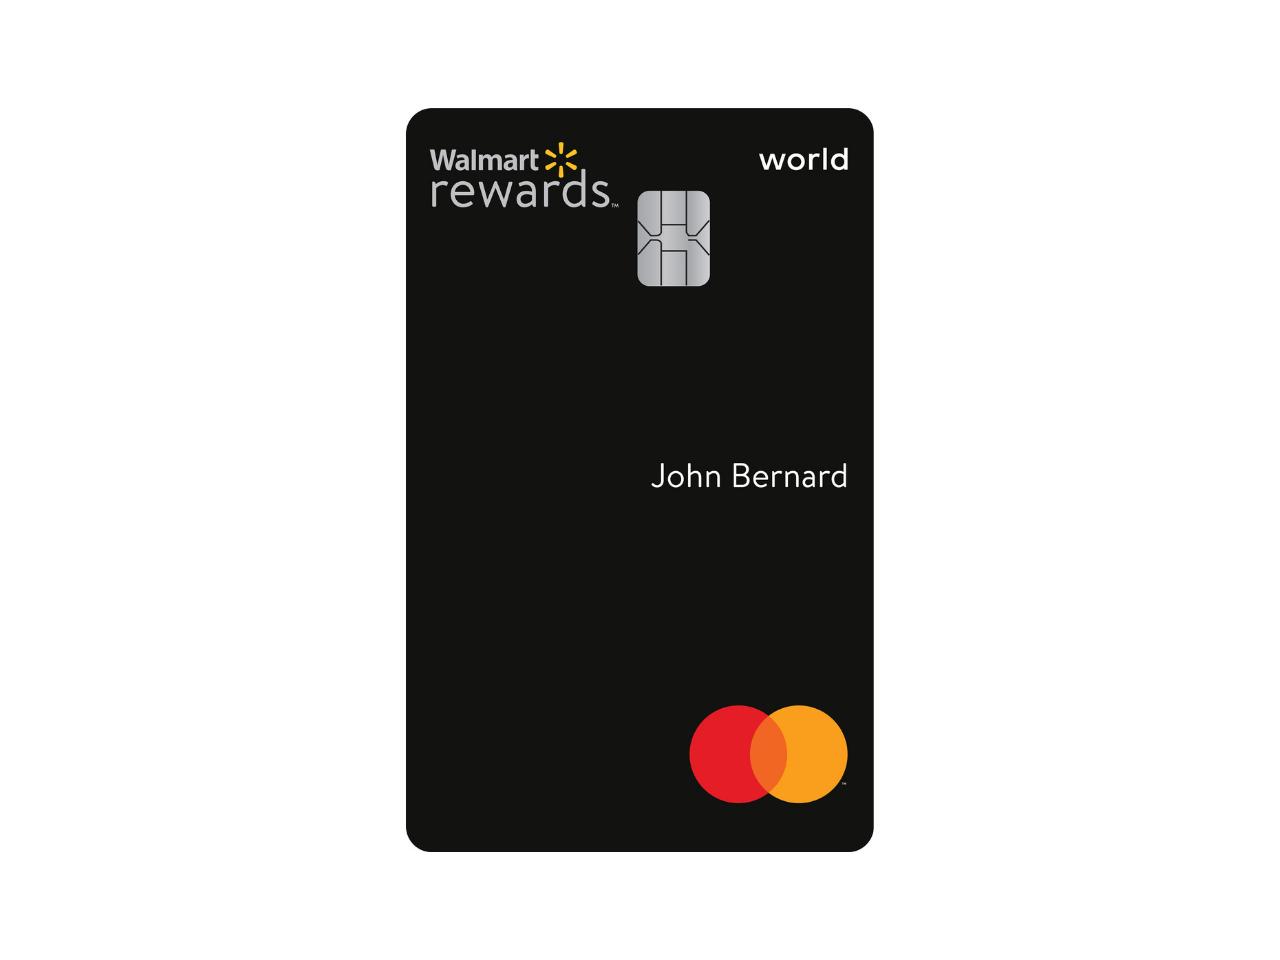 Walmart Rewards World Mastercard Review